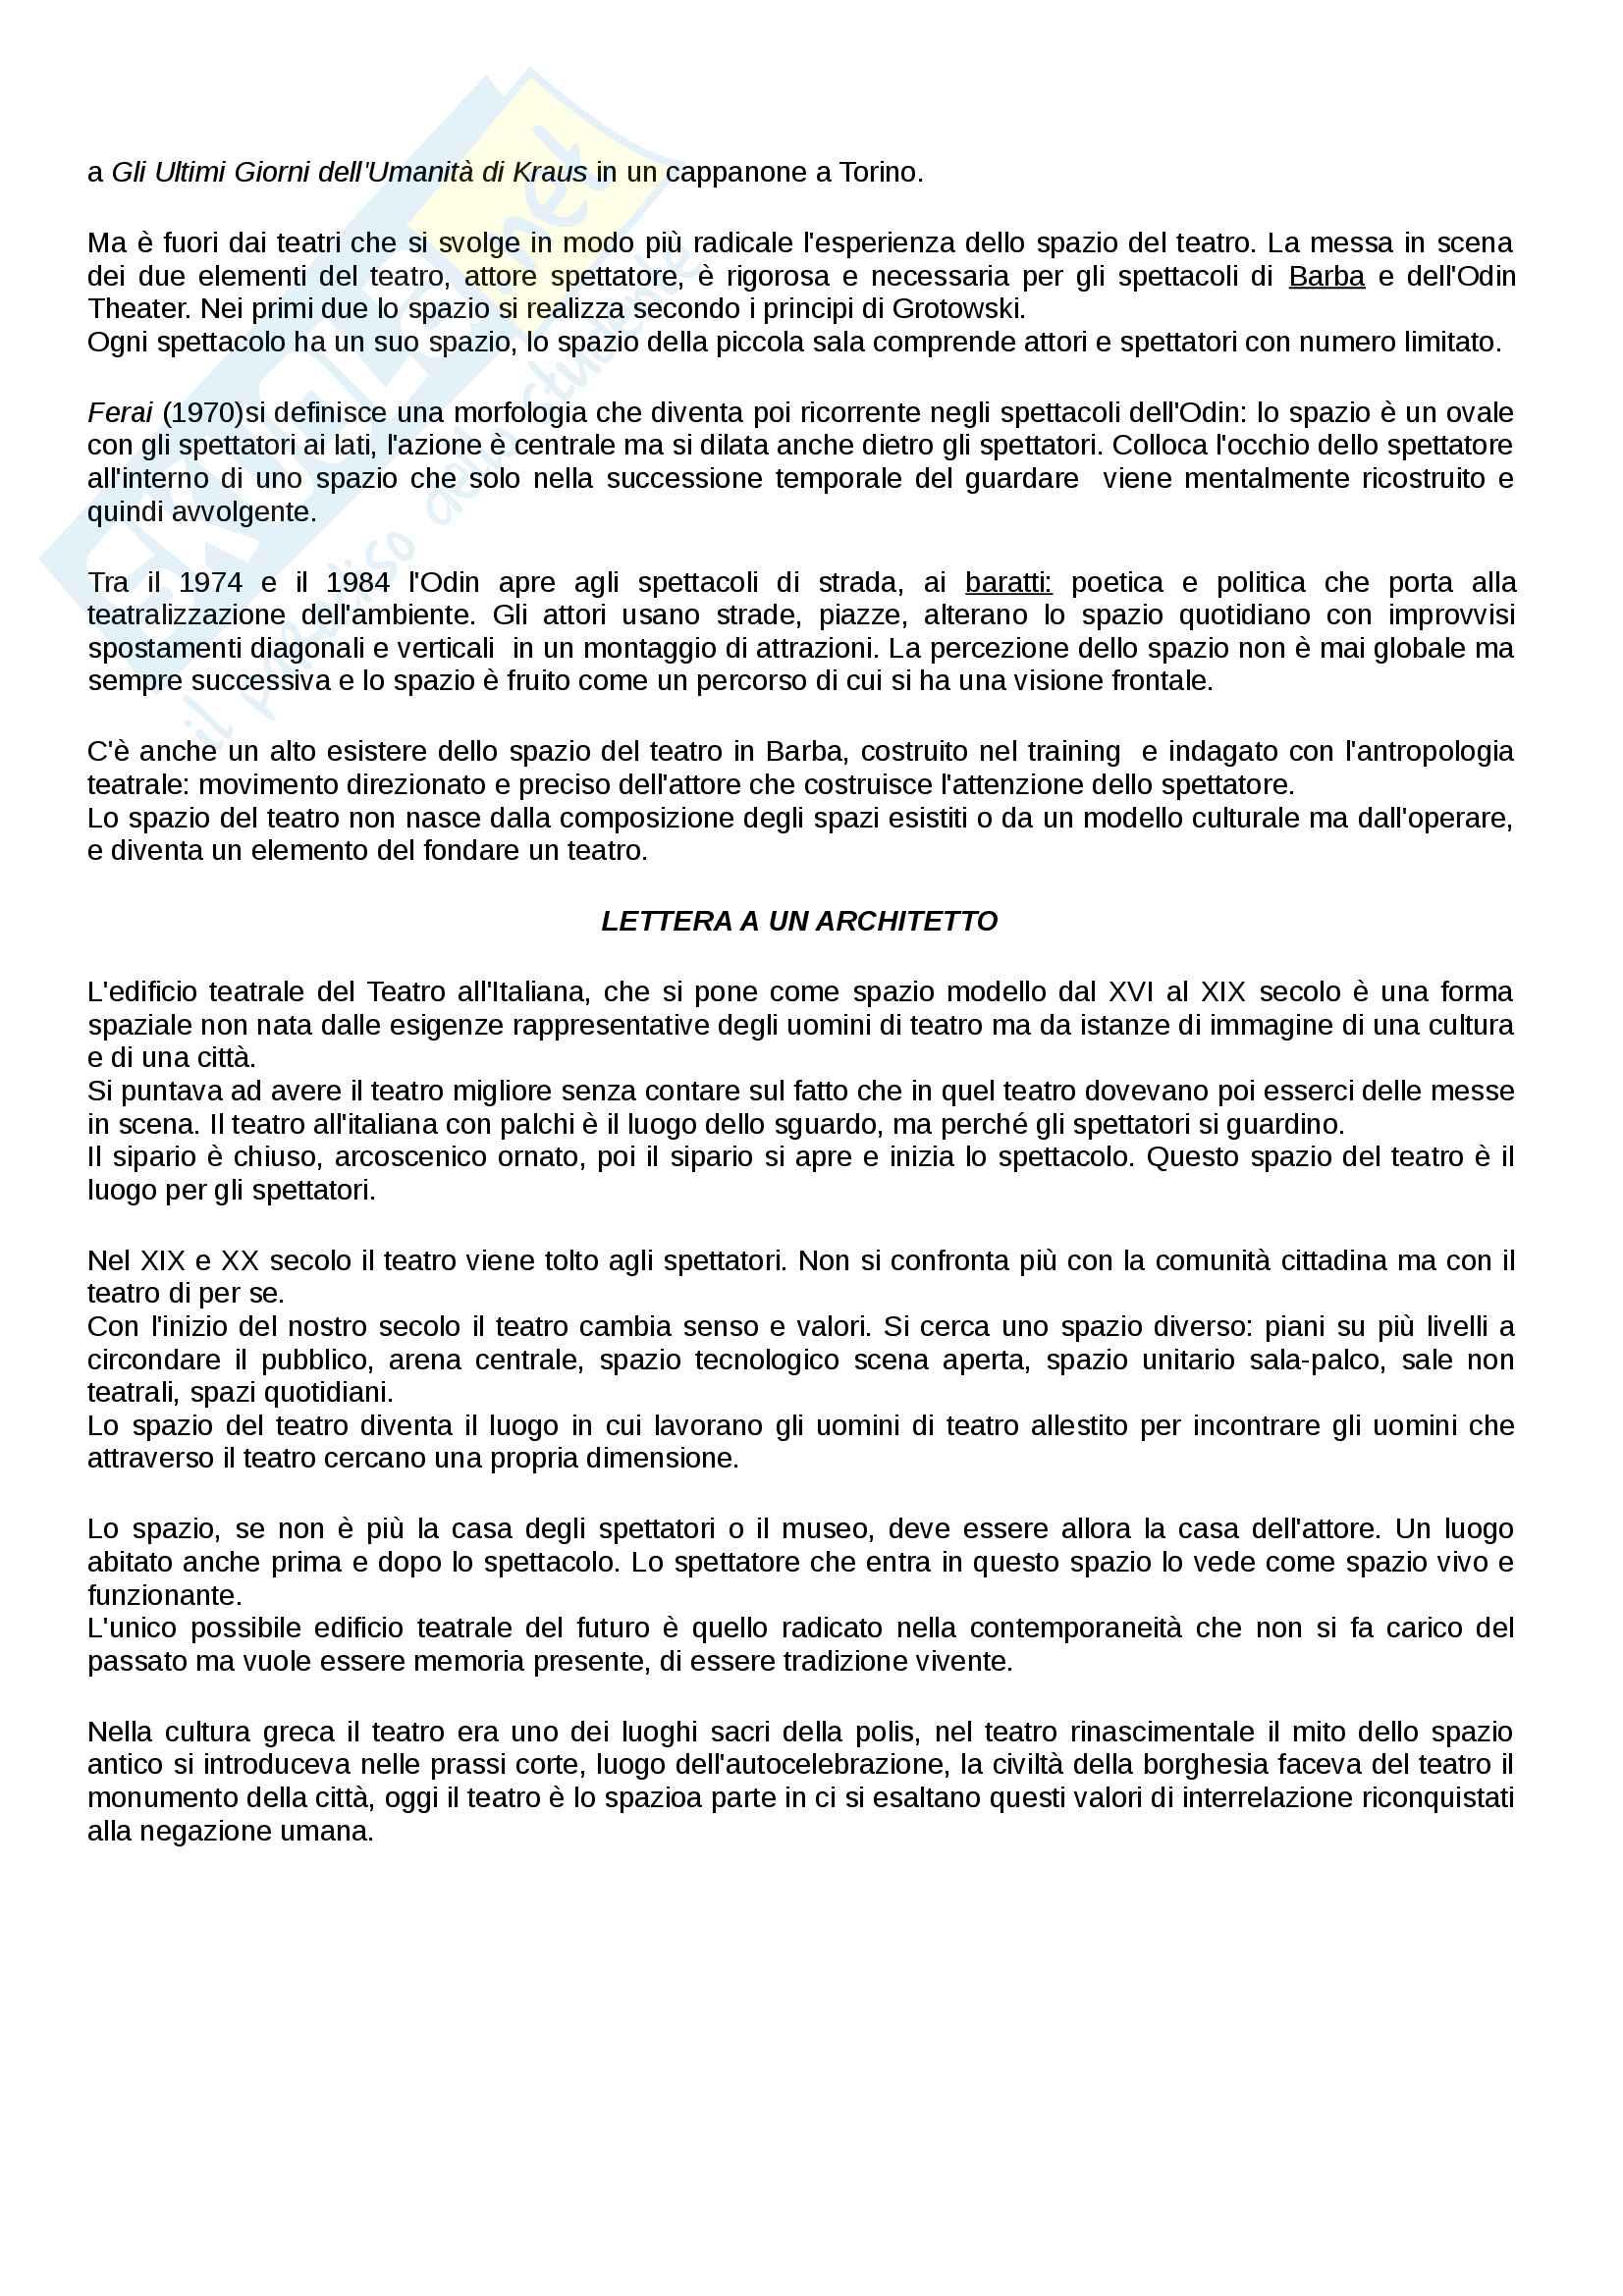 Riassunto esame Organizzazione dello Spazio teatrale, docente  Valenti, Libro consigliato Lo spazio del Teatro, Cruciani Pag. 31